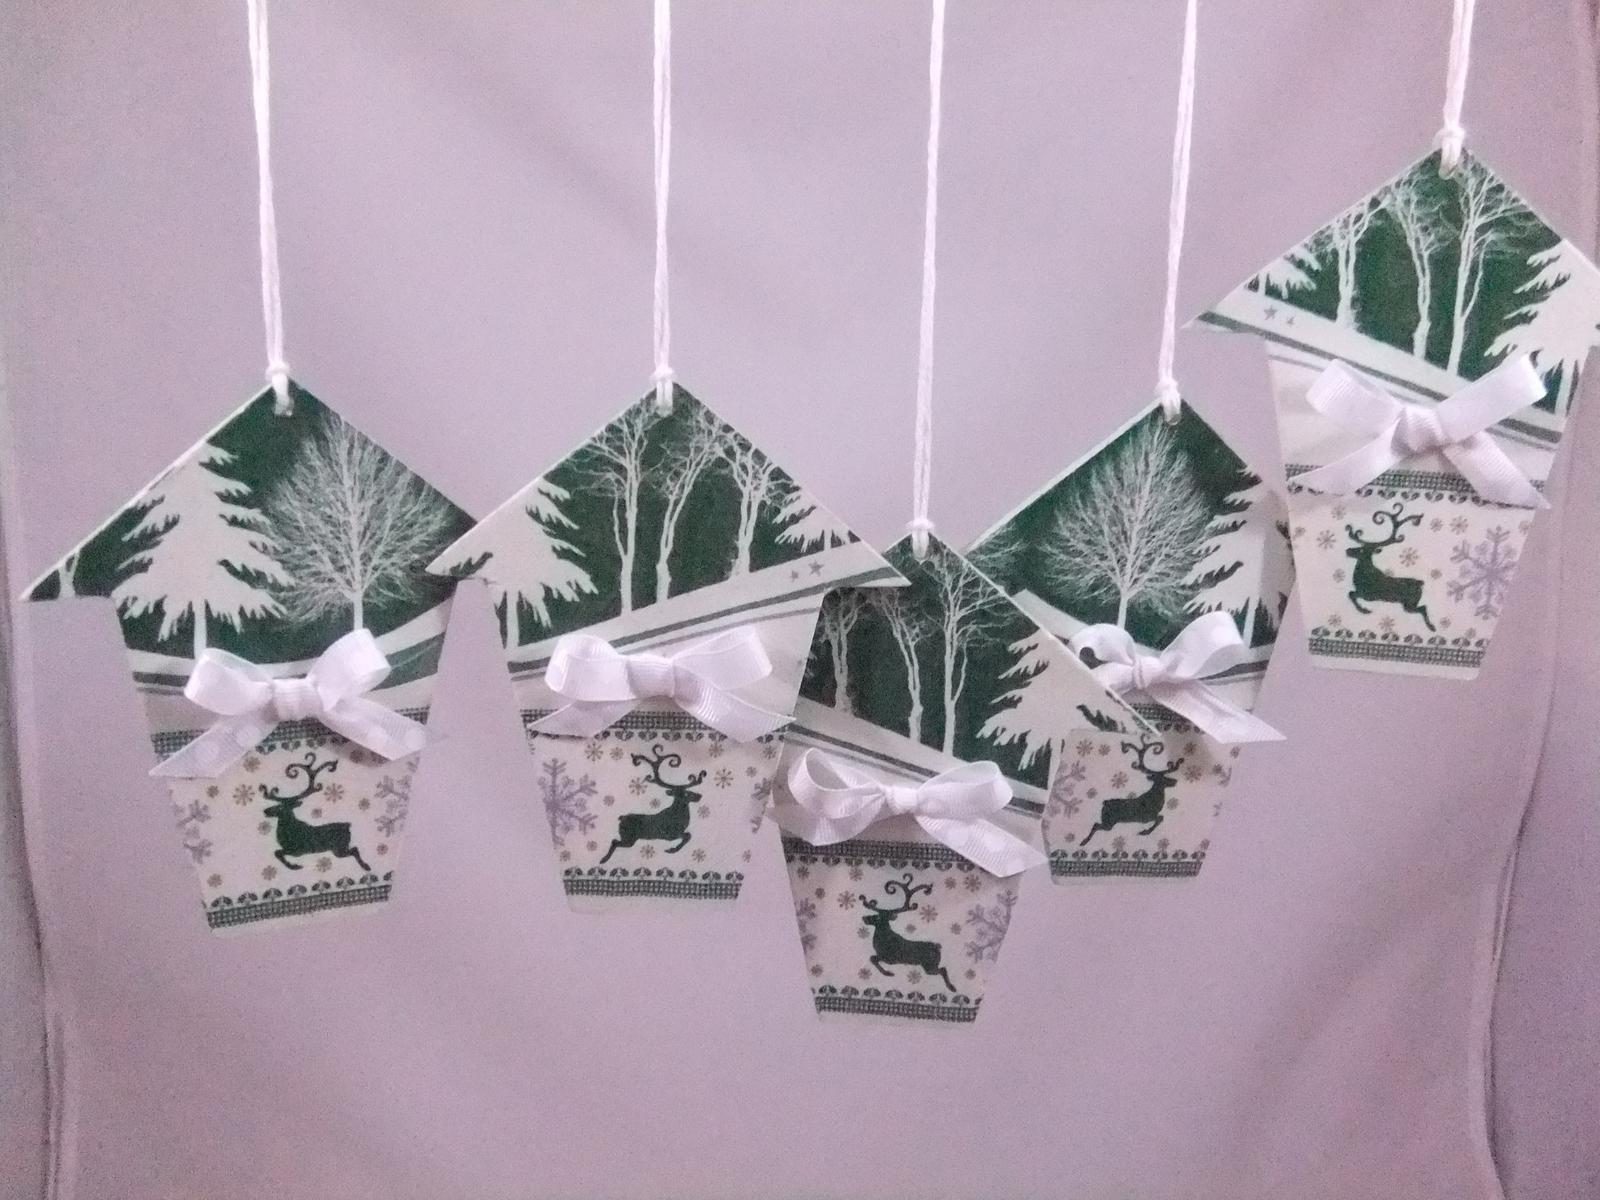 Zimná dekorácia,sada 5ks,cena  s poštovným - Obrázok č. 1